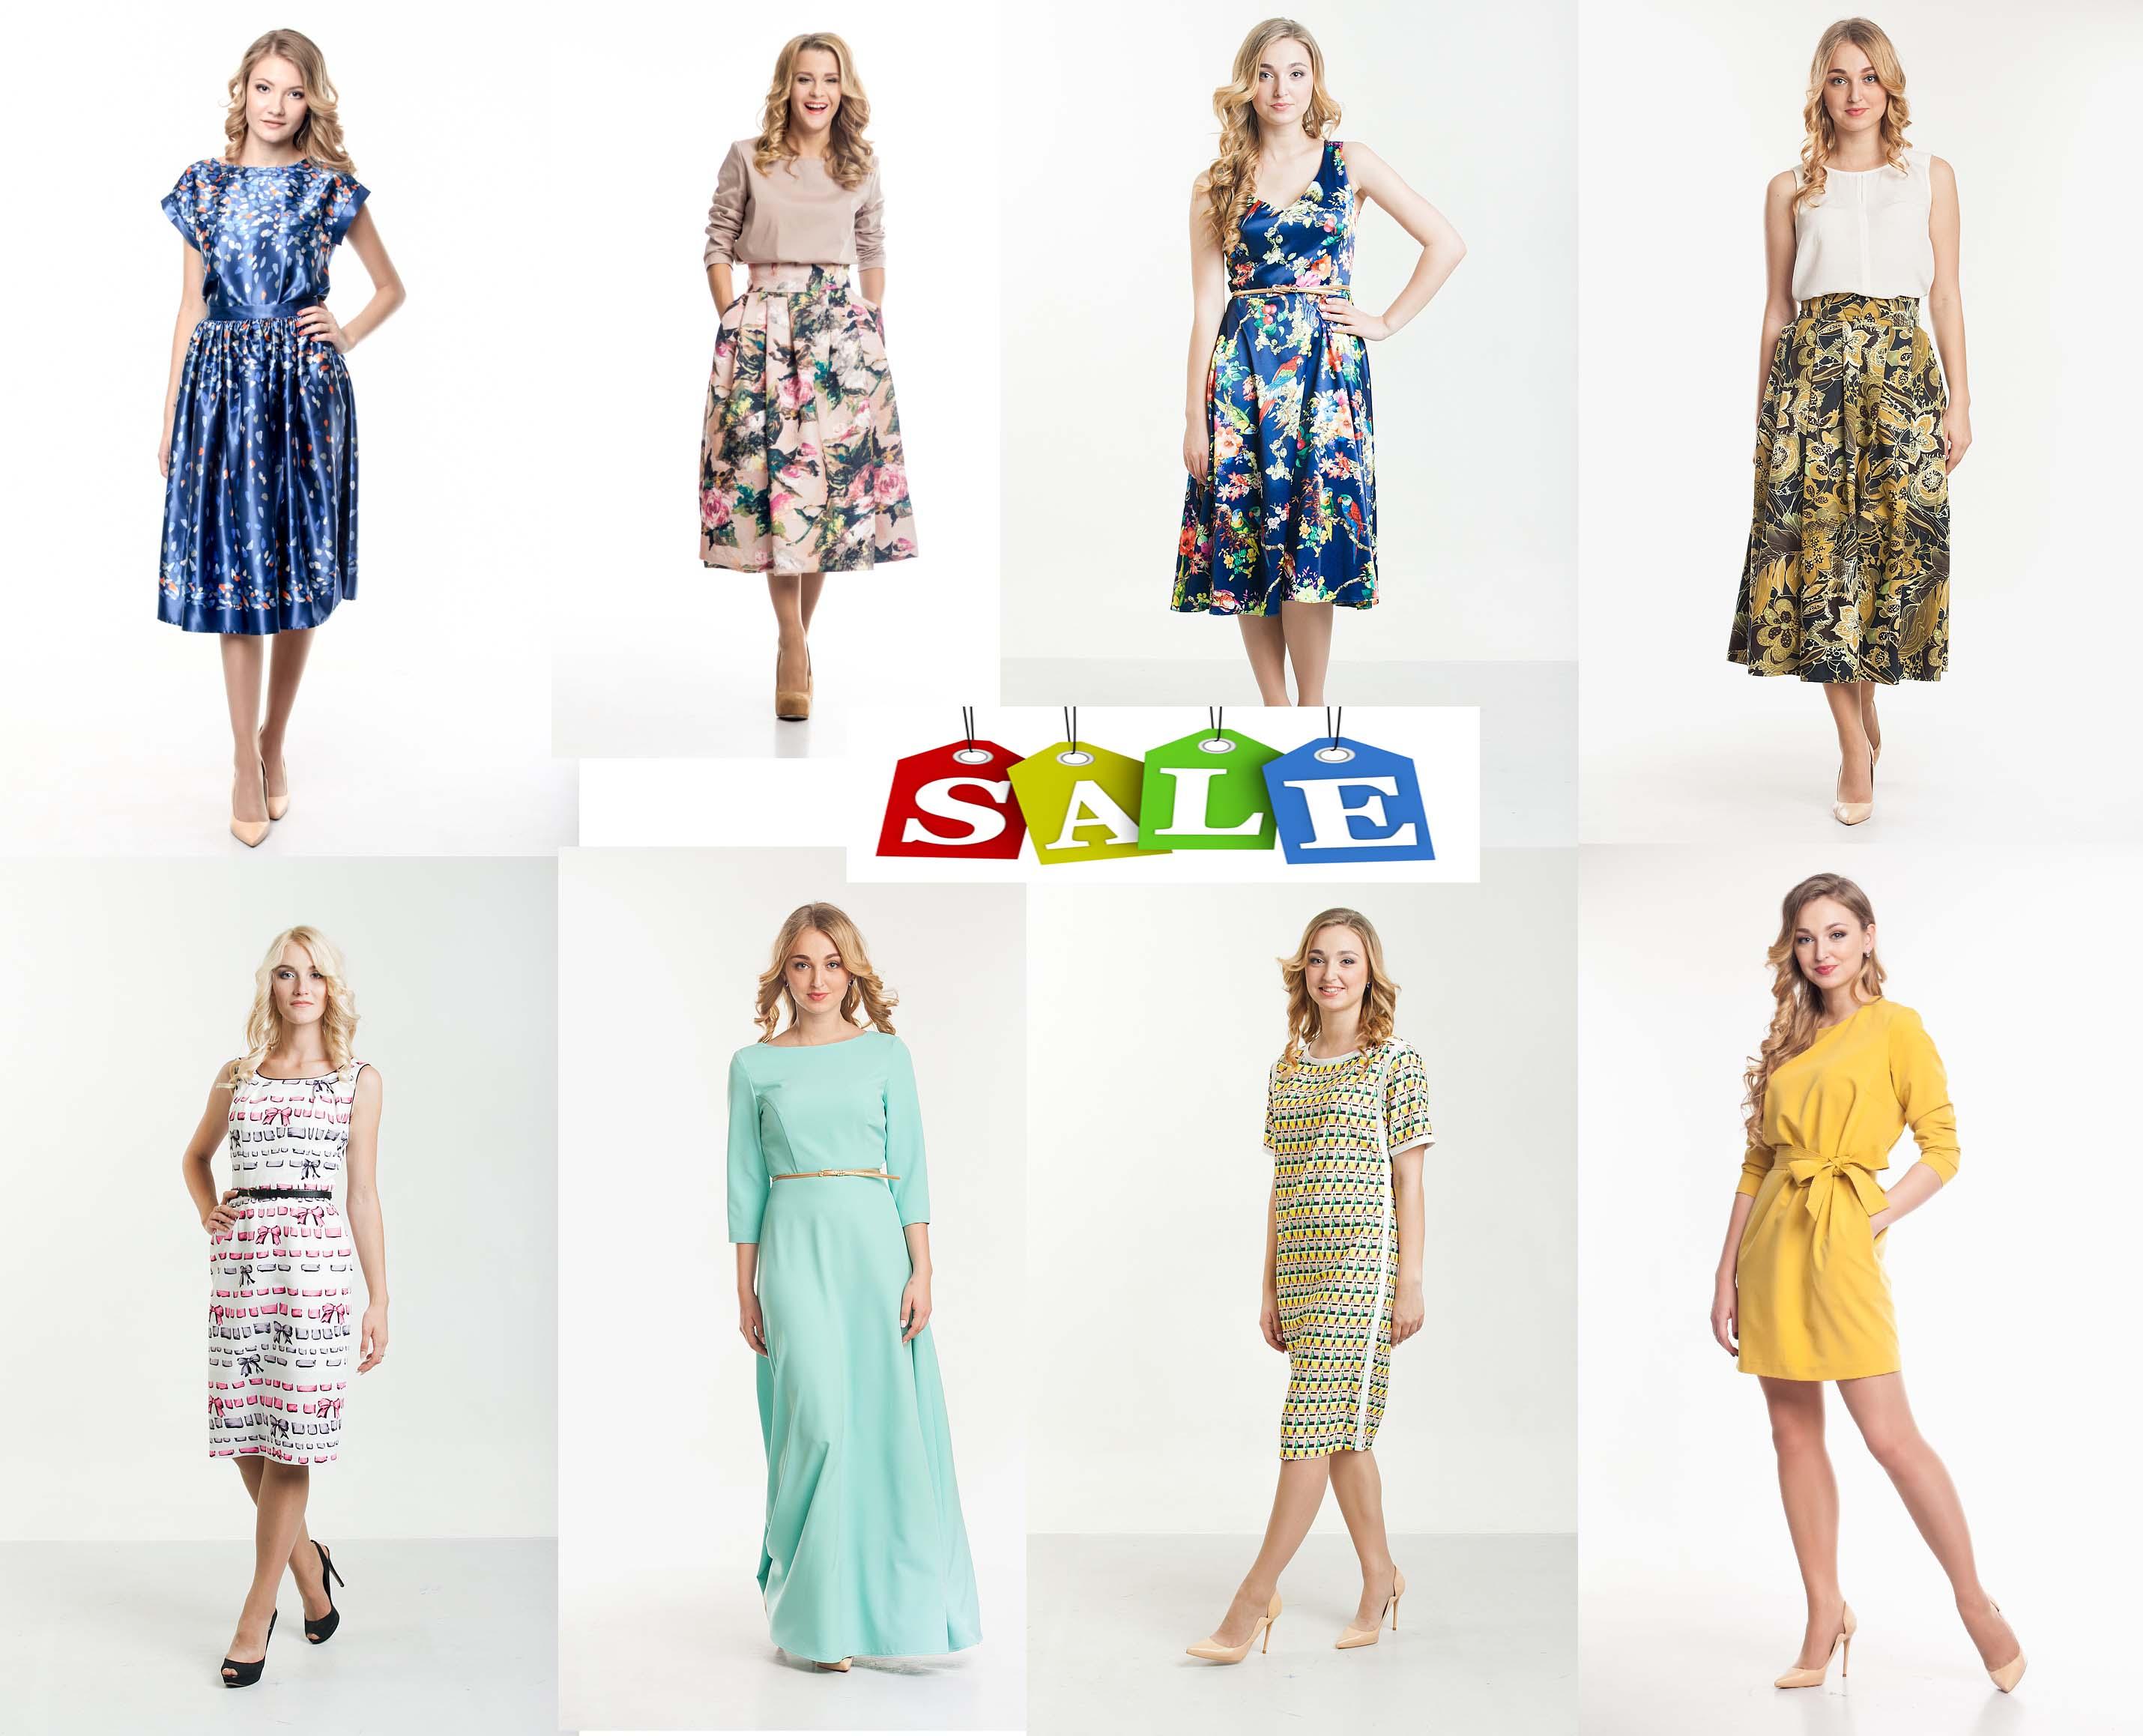 Сбор заказов. Создай свой неповторимый образ с новой летней коллекцией авторской одежды SOWISA. А также Супер